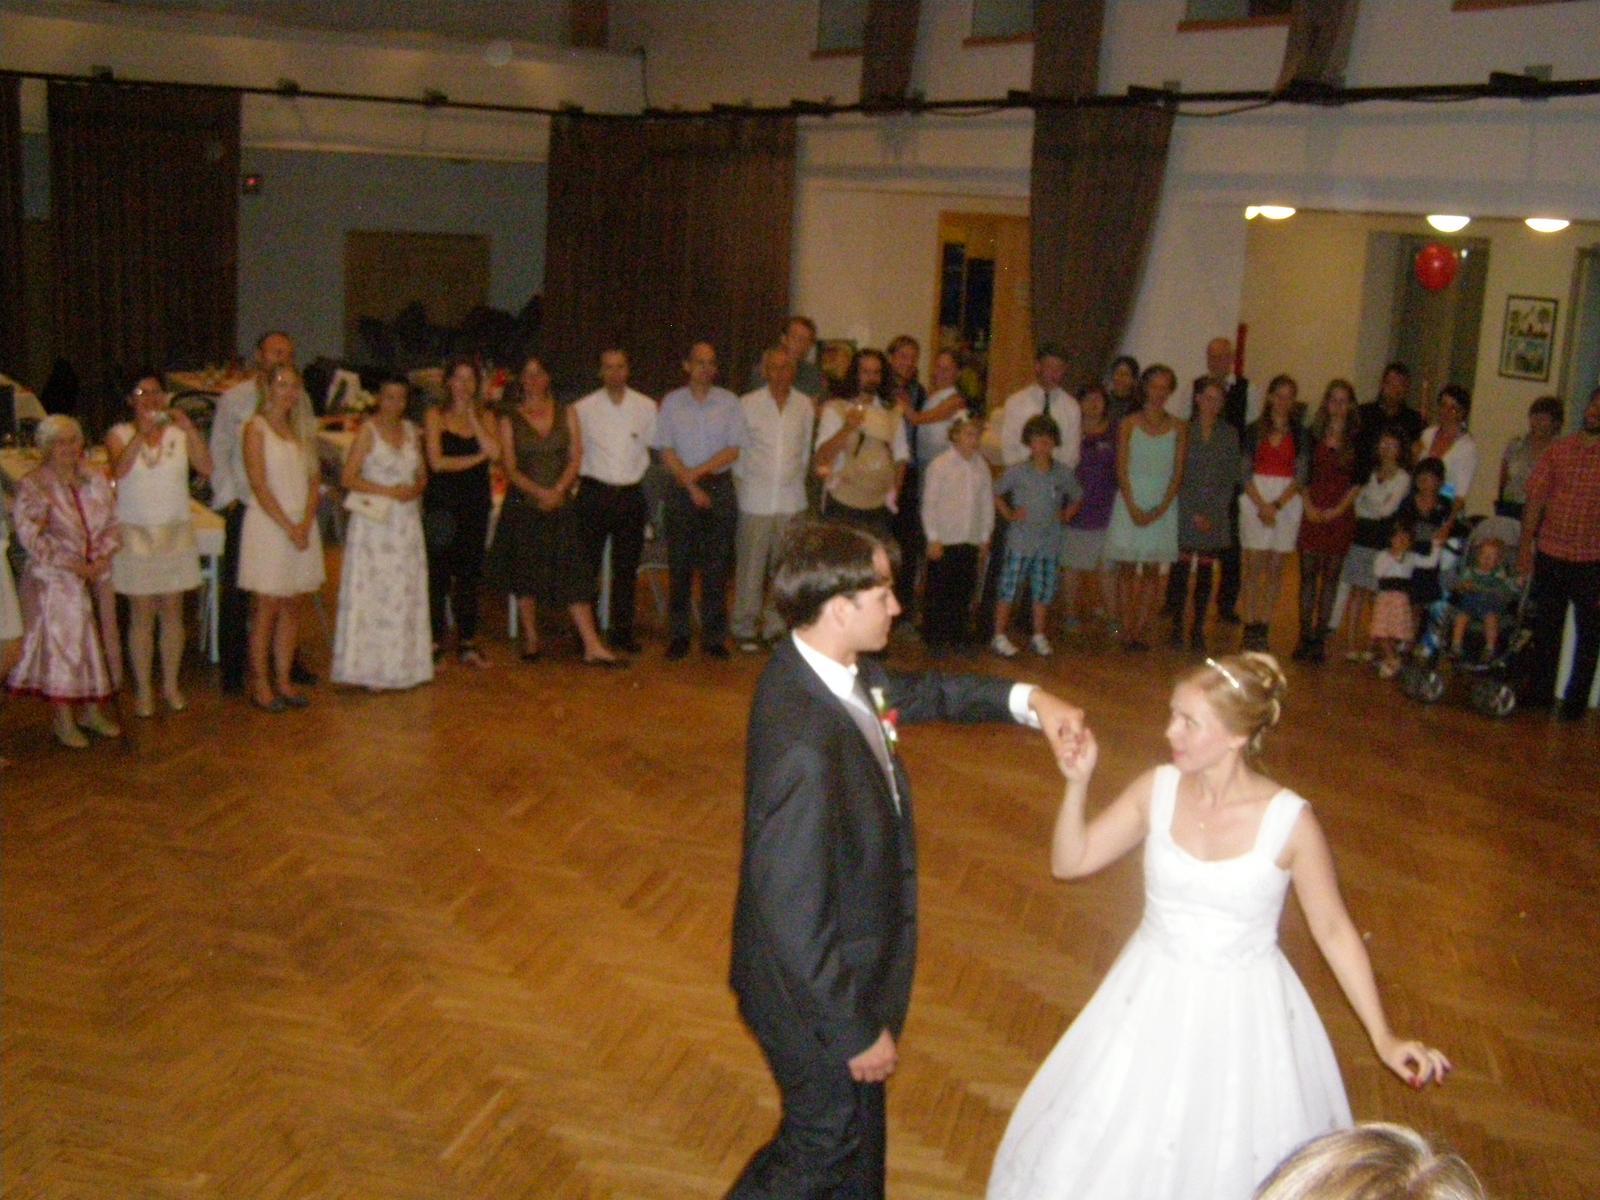 Svatba Lída Čermáková & Jiří Haut - Obrázek č. 2